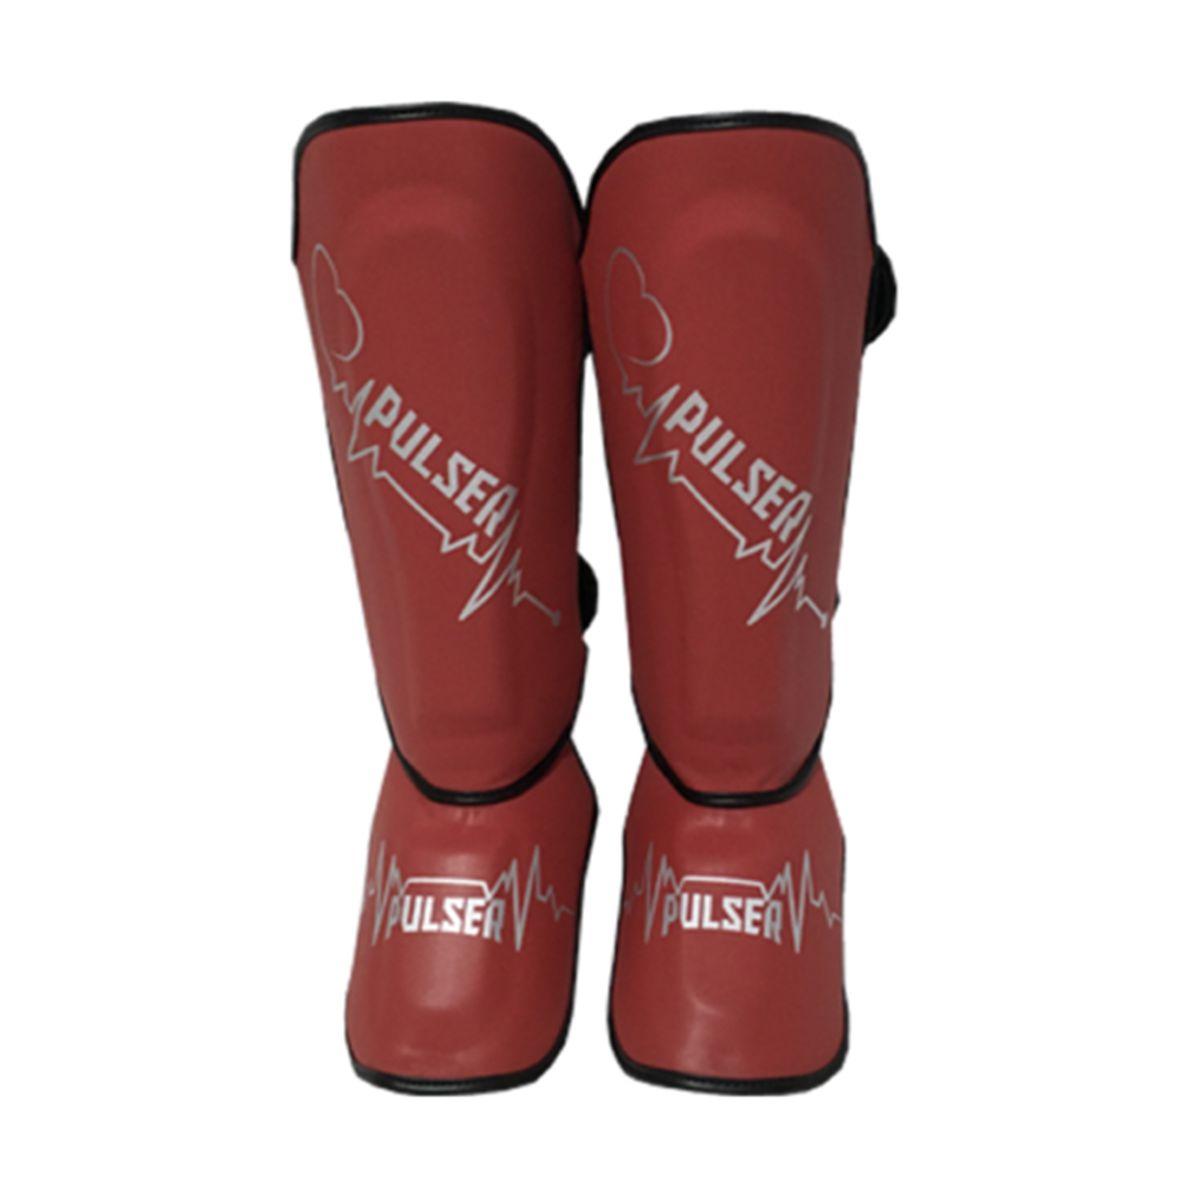 Caneleira Muay Thai MMA Coração Vermelho Média 30mm - Pulser  - PRALUTA SHOP